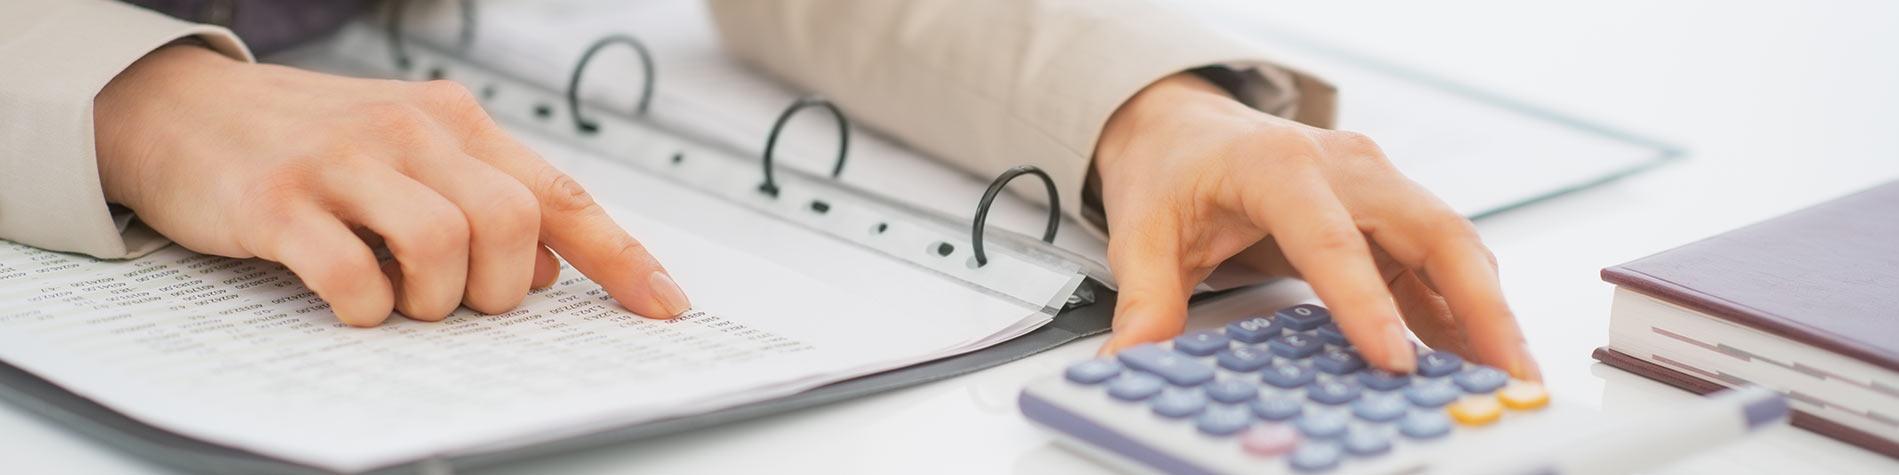 Business Health Savings Account - Simples Nacional: Posso enquadrar minha empresa?